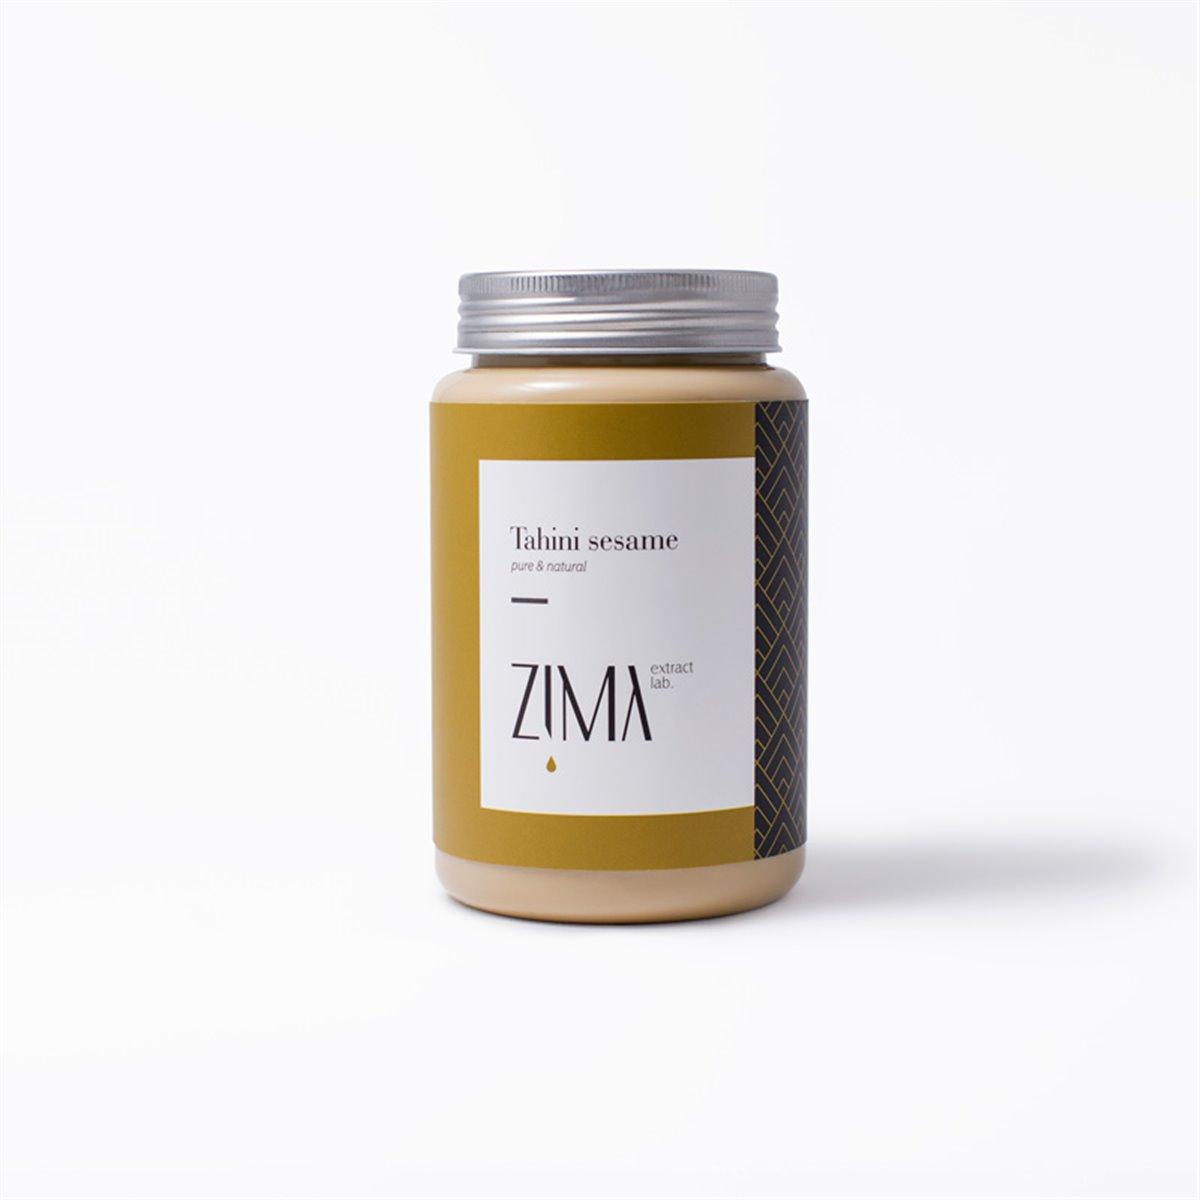 ارده کنجد خالص و طبیعی زیمالب، سرشار از مواد مغذی برای سلامت بدن